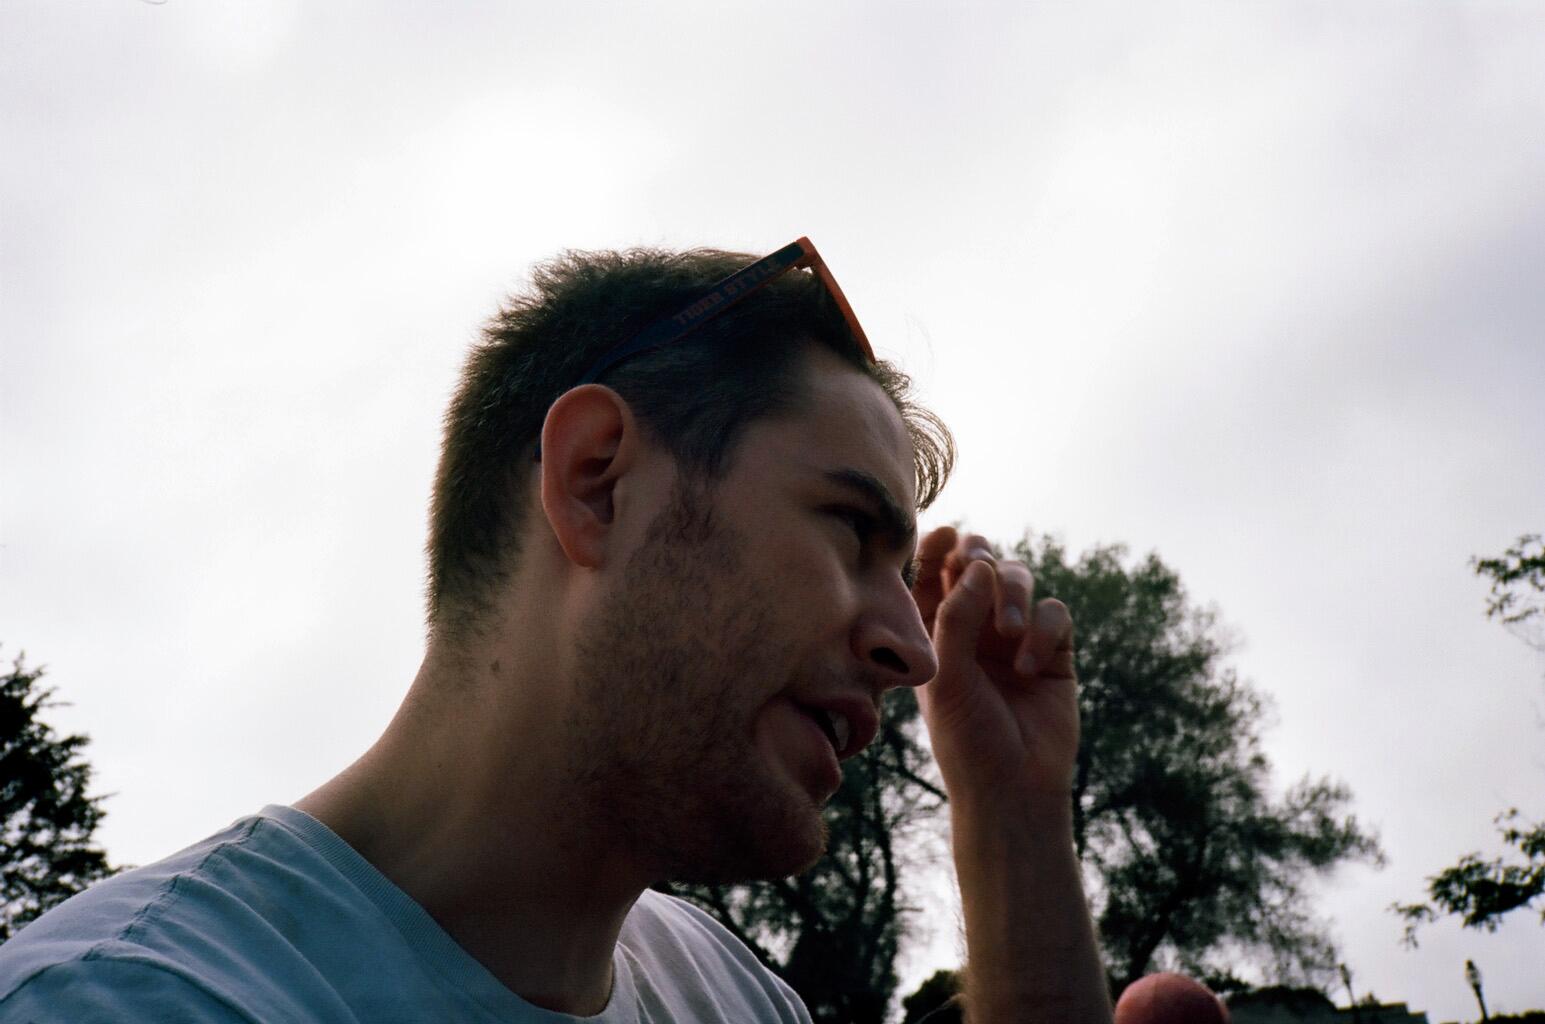 Joshua Barnes: Glasses